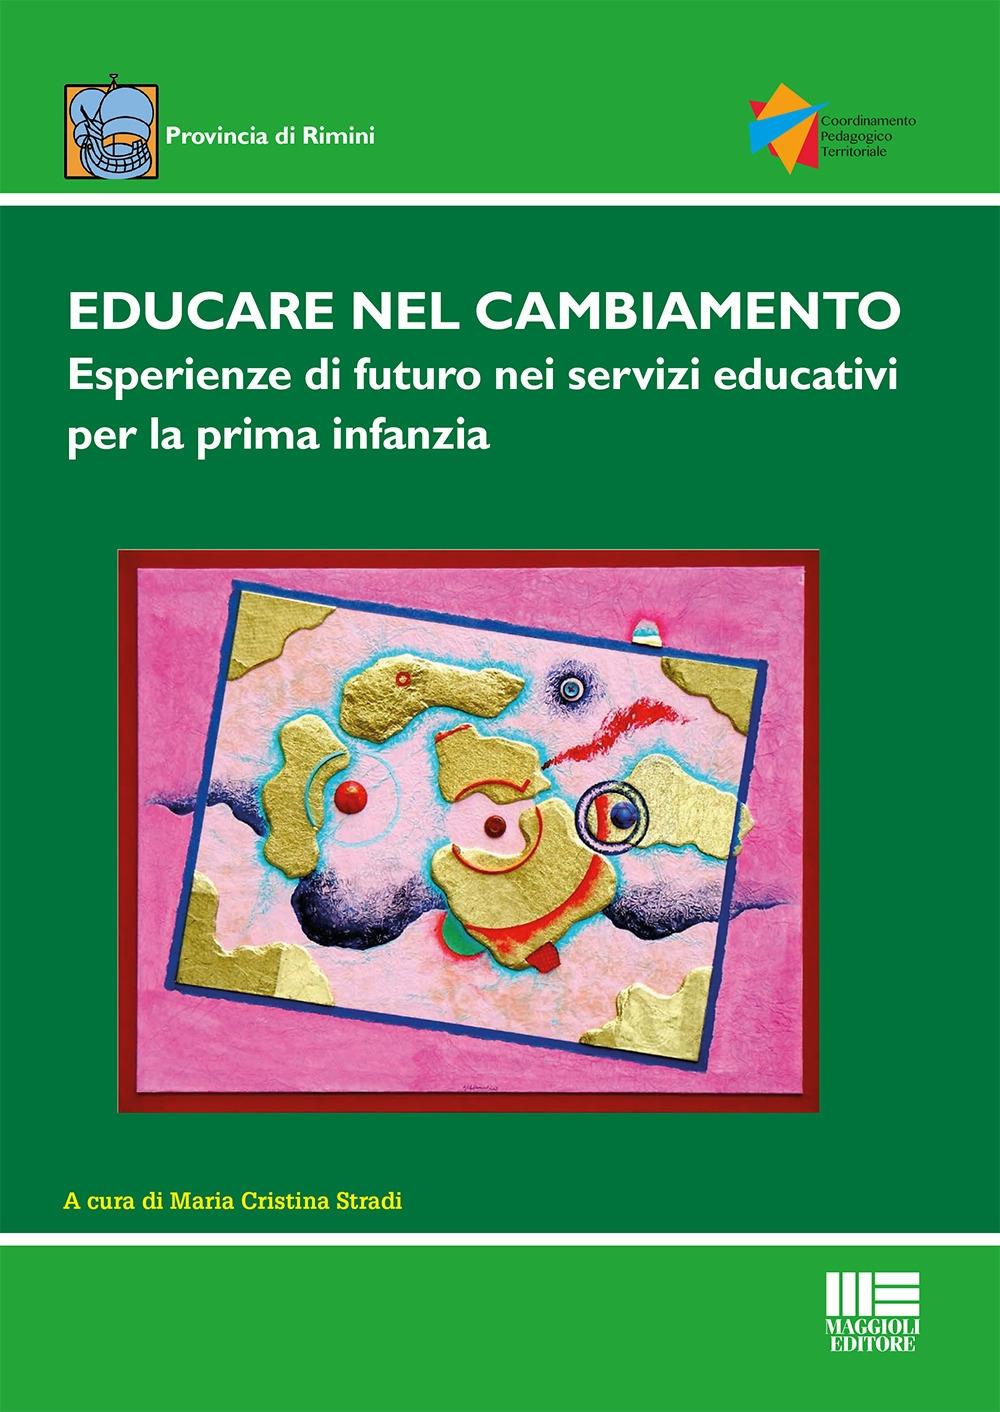 Educare nel cambiamento. Esperienze di futuro nei servizi educativi per la prima infanzia